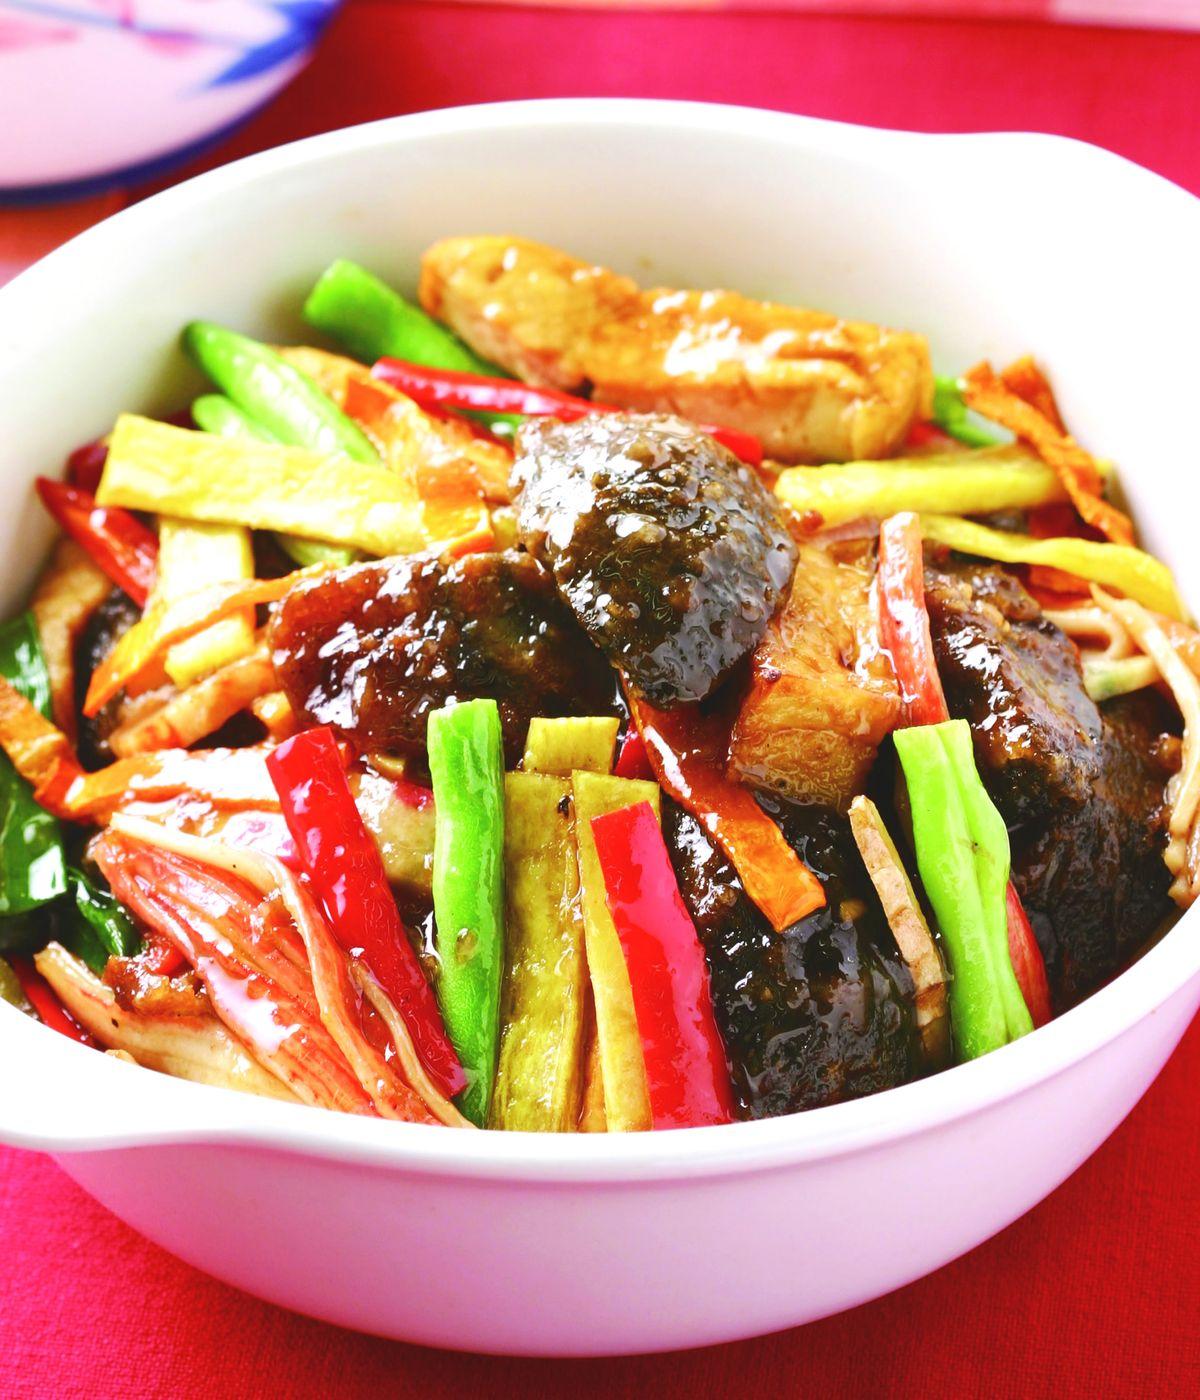 食譜:皮蛋豆腐煲